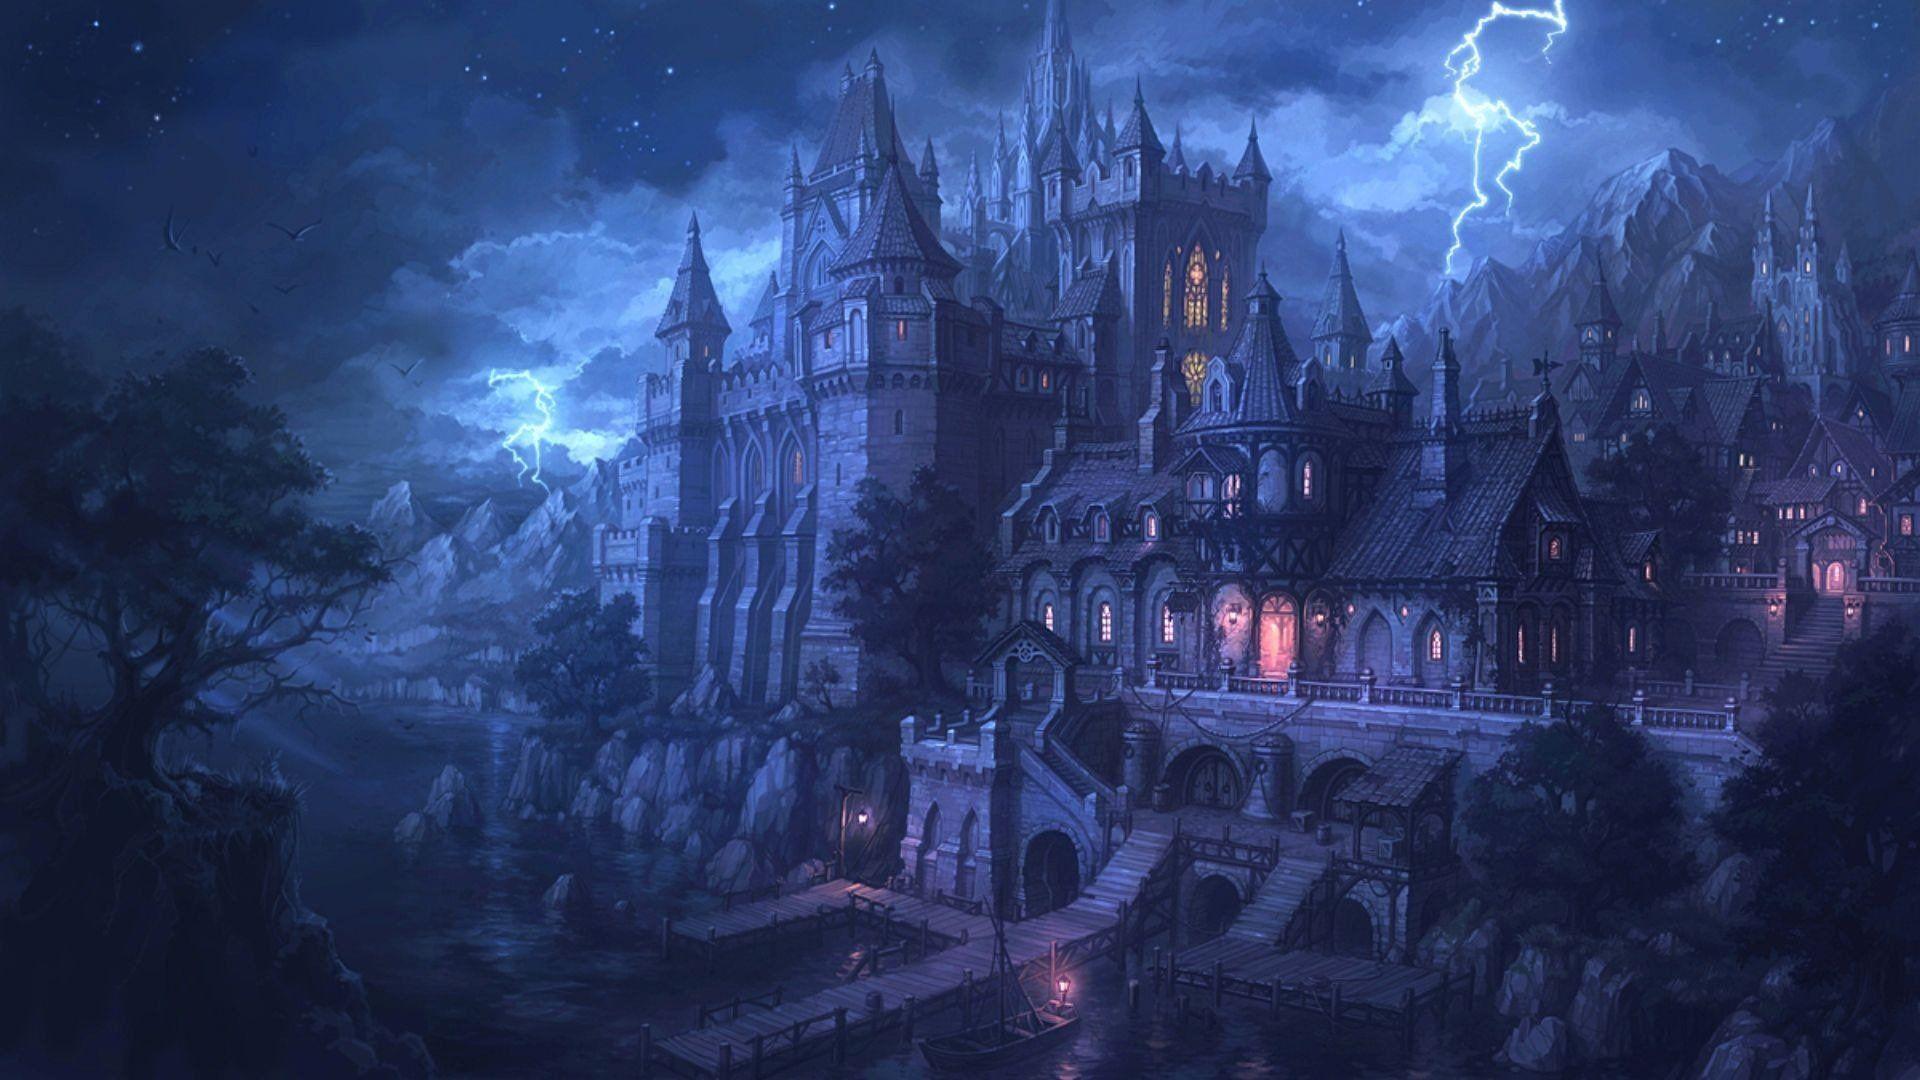 fantasy wallpaper download hd | landscapes - magick | pinterest